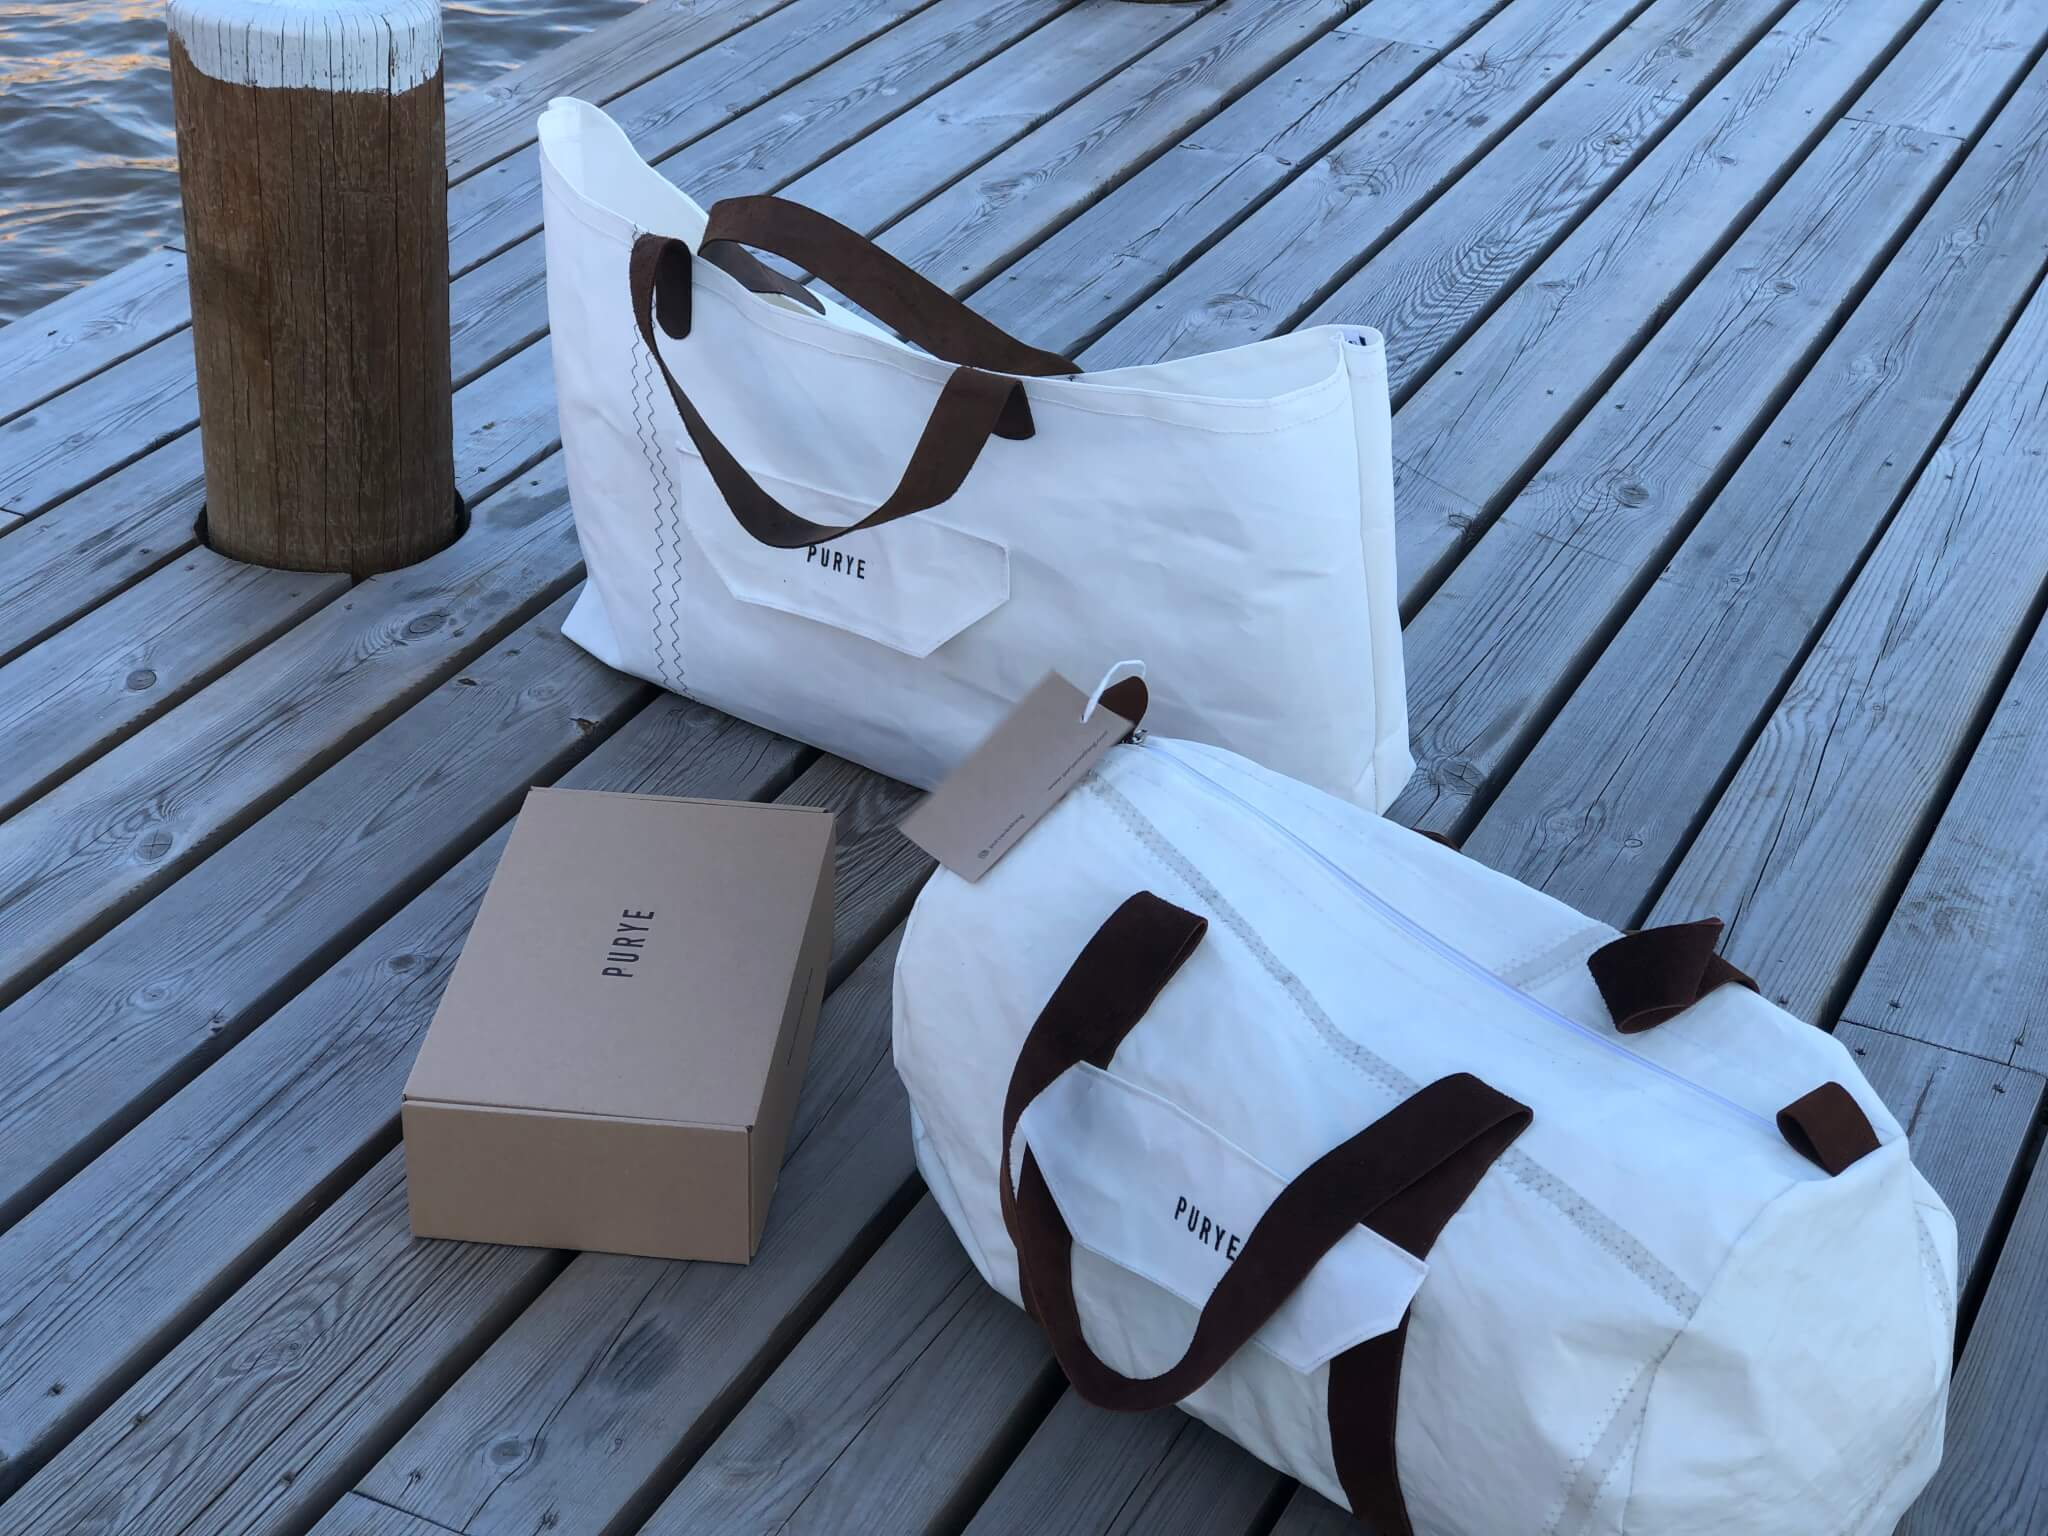 purye clothing_scatola postali_imballaggi